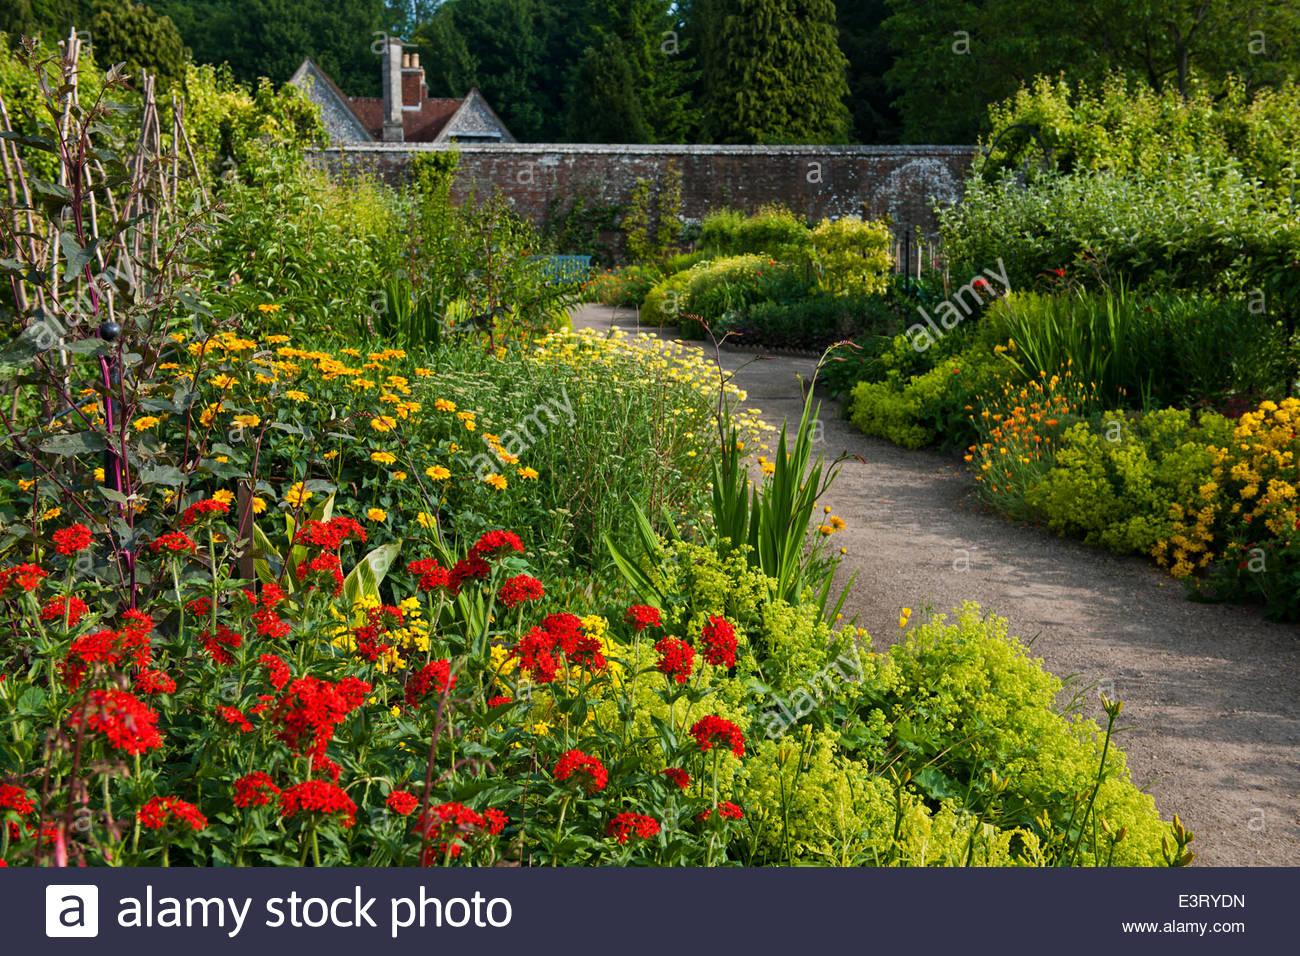 heiße warme Farbe Farbe, die Grenzen anzeigen gemischt Sommer Grenze West Dean Sussex Garten Juni ummauerten Stockbild